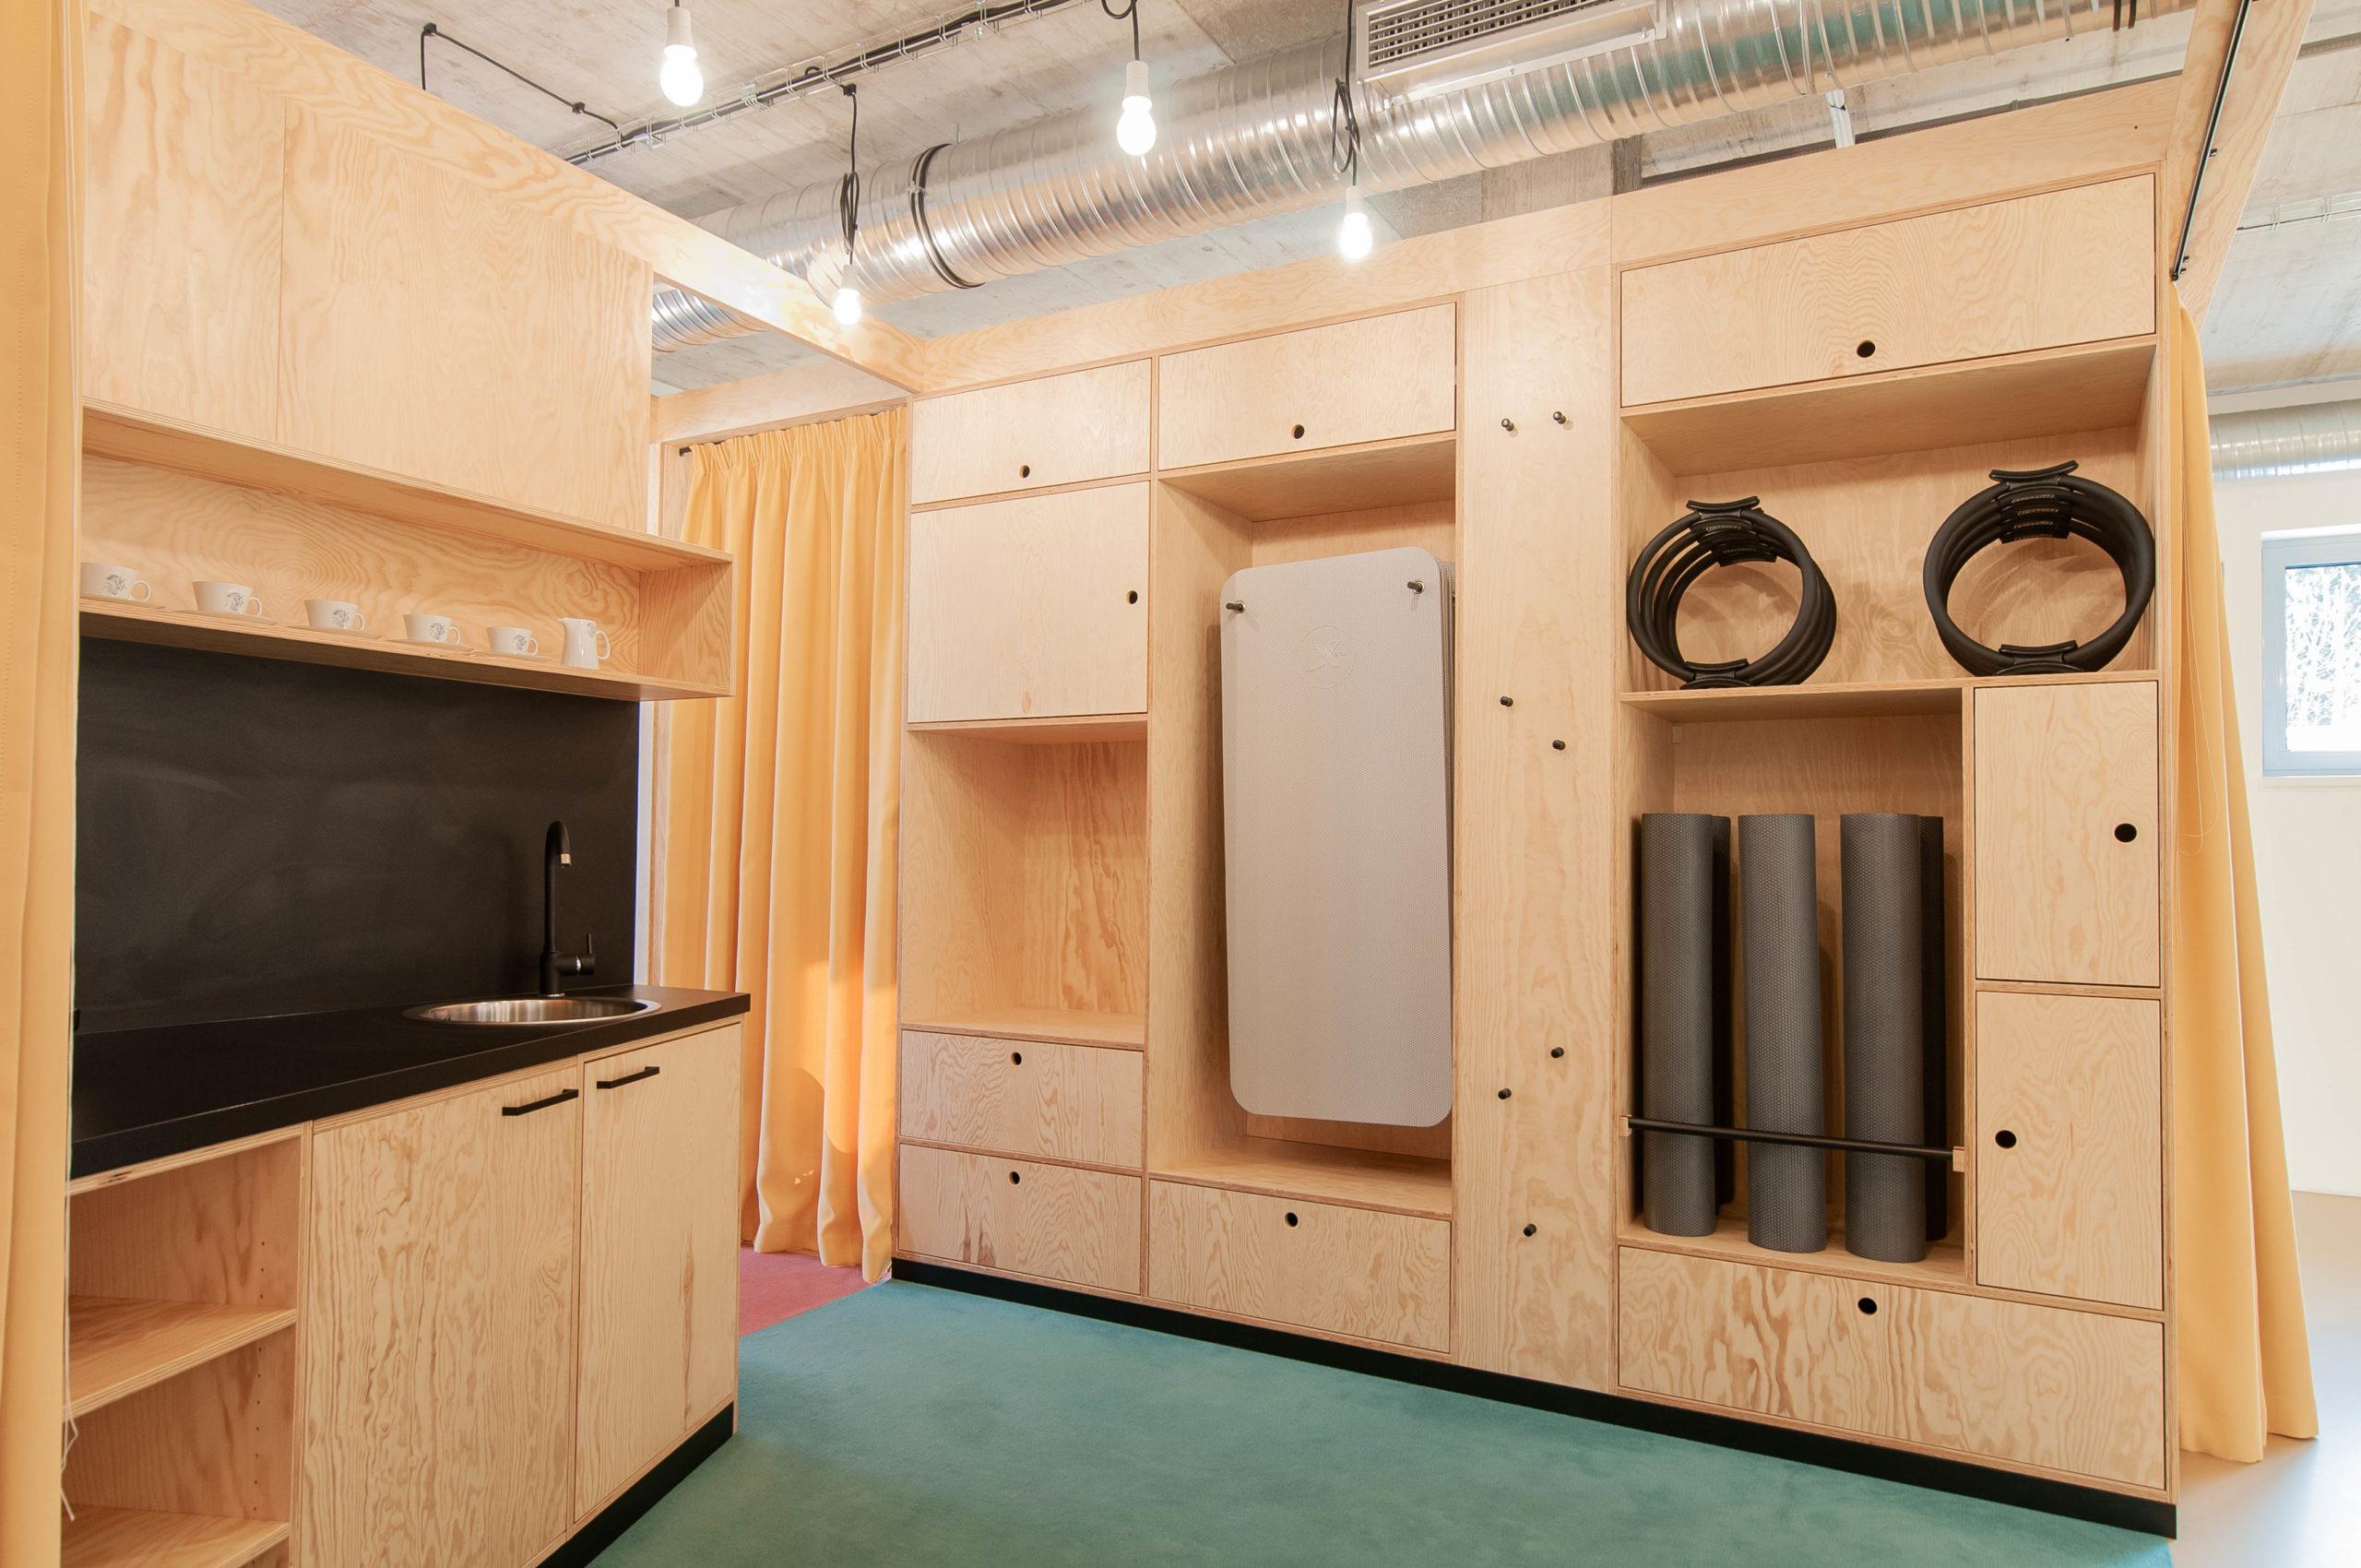 Studio Pilates Art v Klánovicích - kuchyně. Autor: Kurz architekti